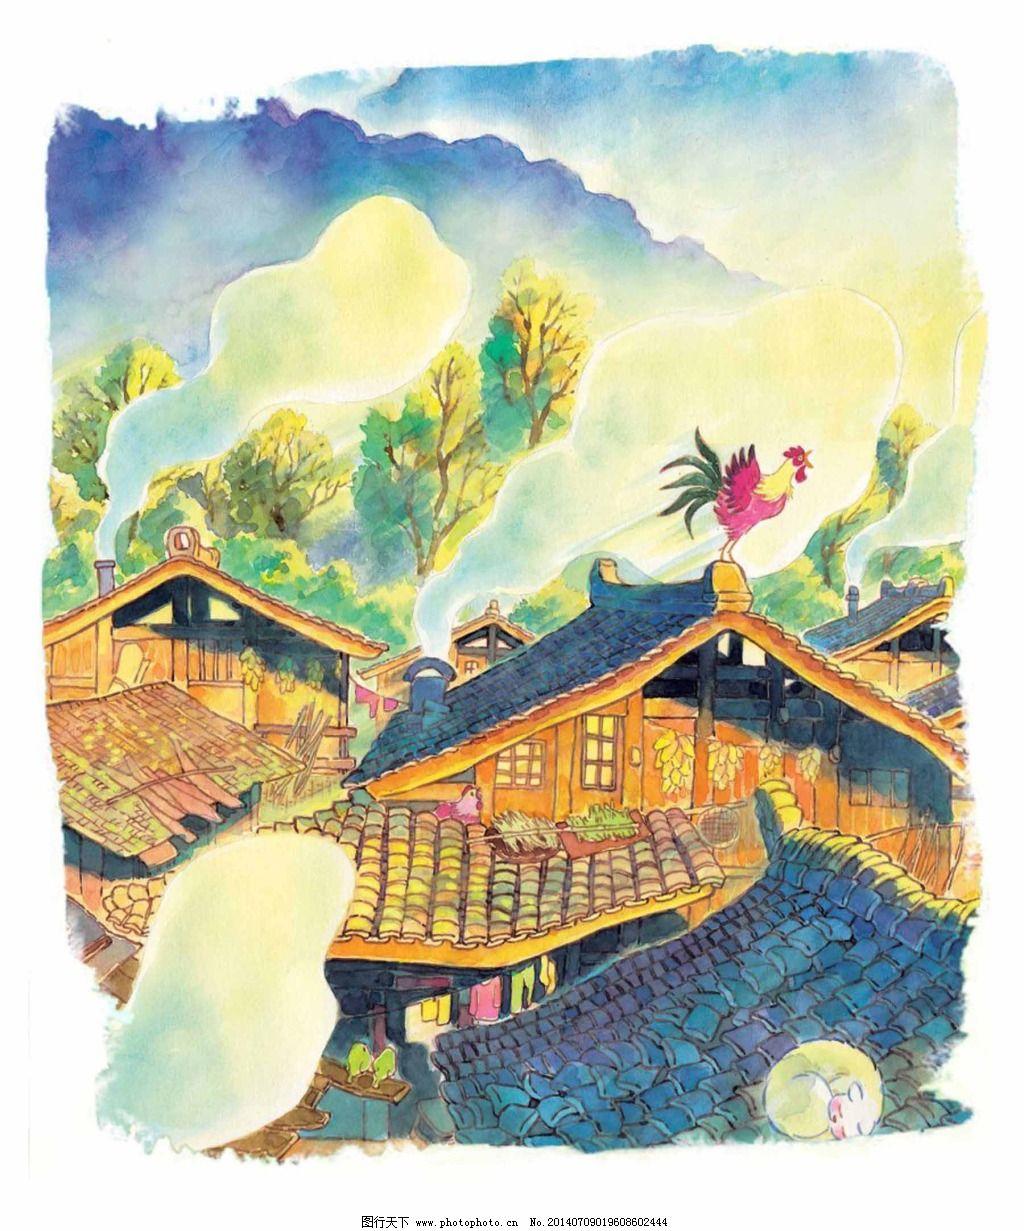 手绘风景屋顶 手绘风景屋顶免费下载 水彩画 远山 少儿漫画素材